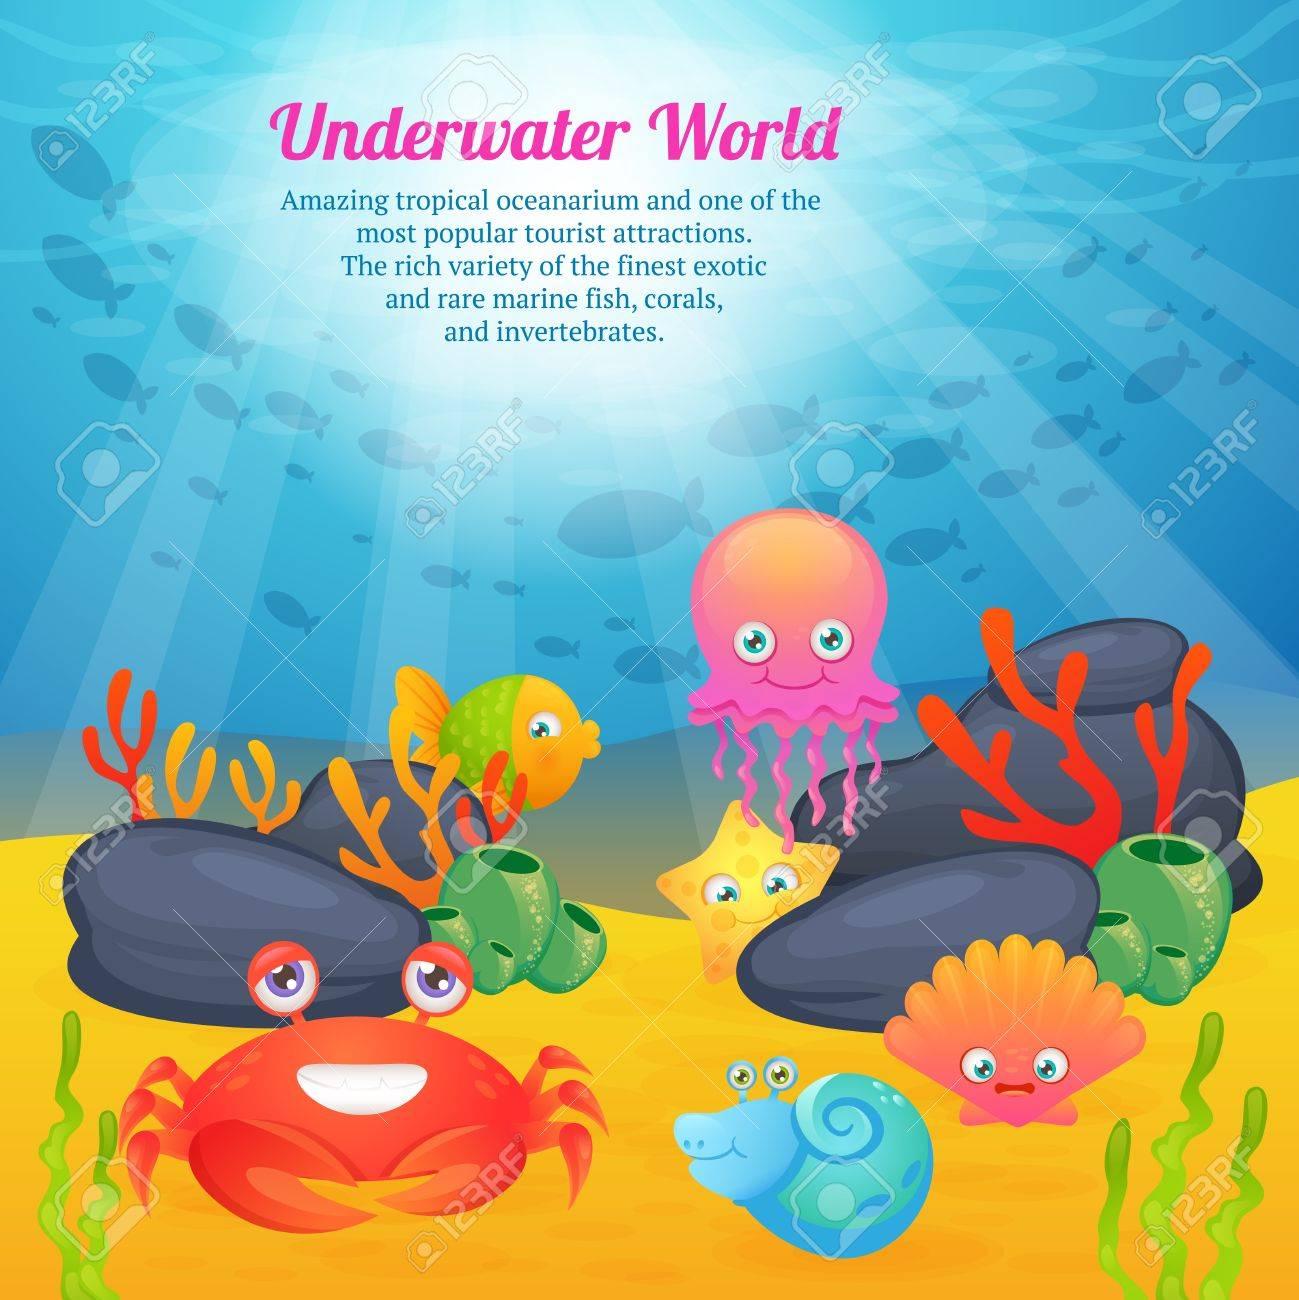 エキゾチックな水中の世界熱帯海洋水族館漫画クリーチャーかわいい